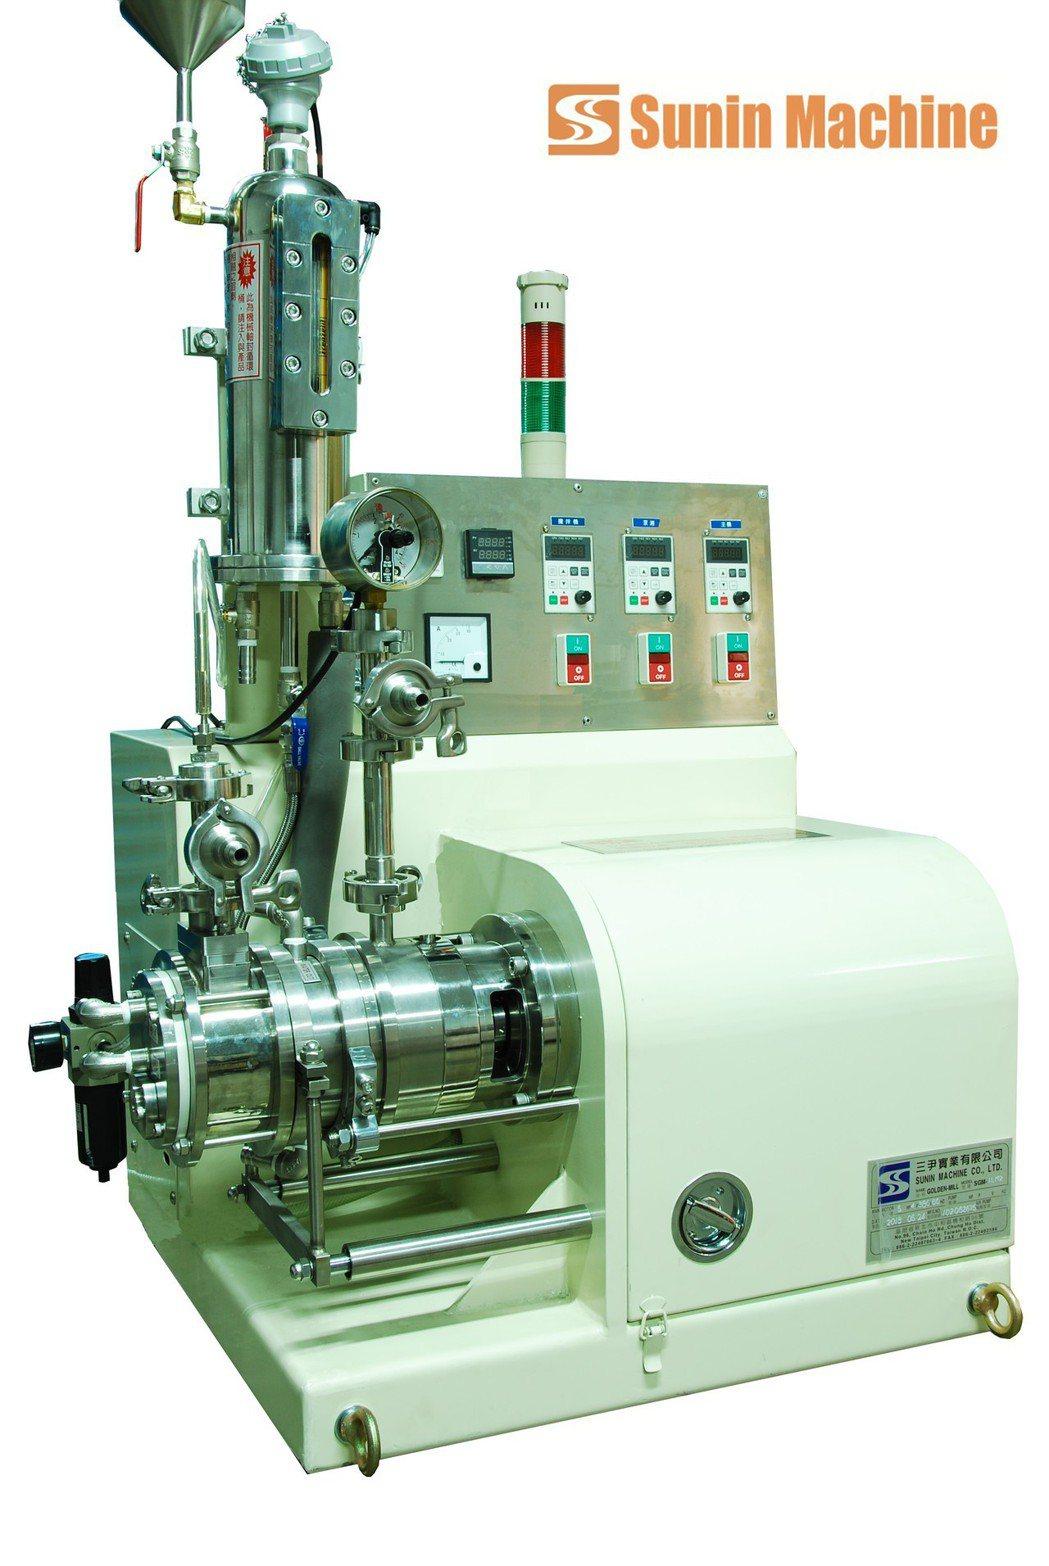 全陶瓷臥式研磨機被廣泛應用於研磨、分散奈米級塗料、電子工業原材料等,機械操作簡易...